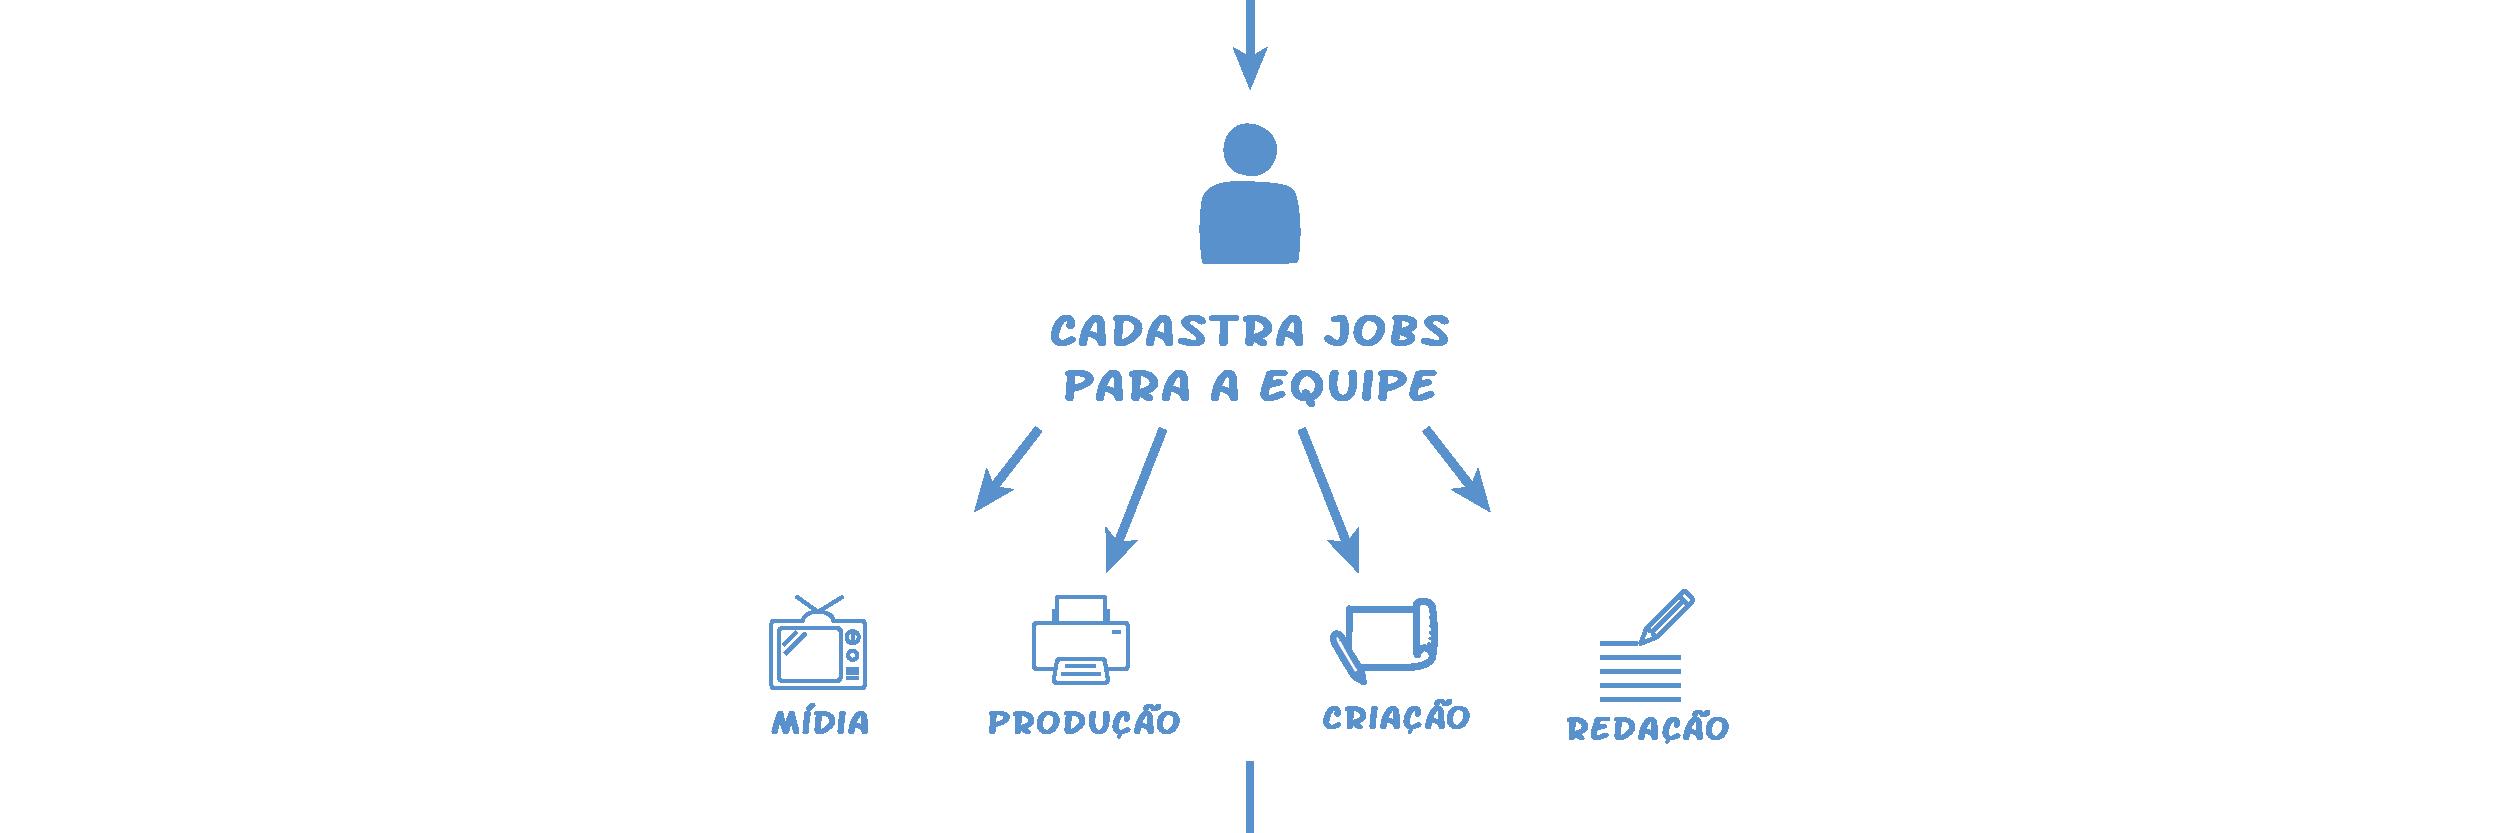 Passo 4: Cadastrar e atribuir os jobs - Operand